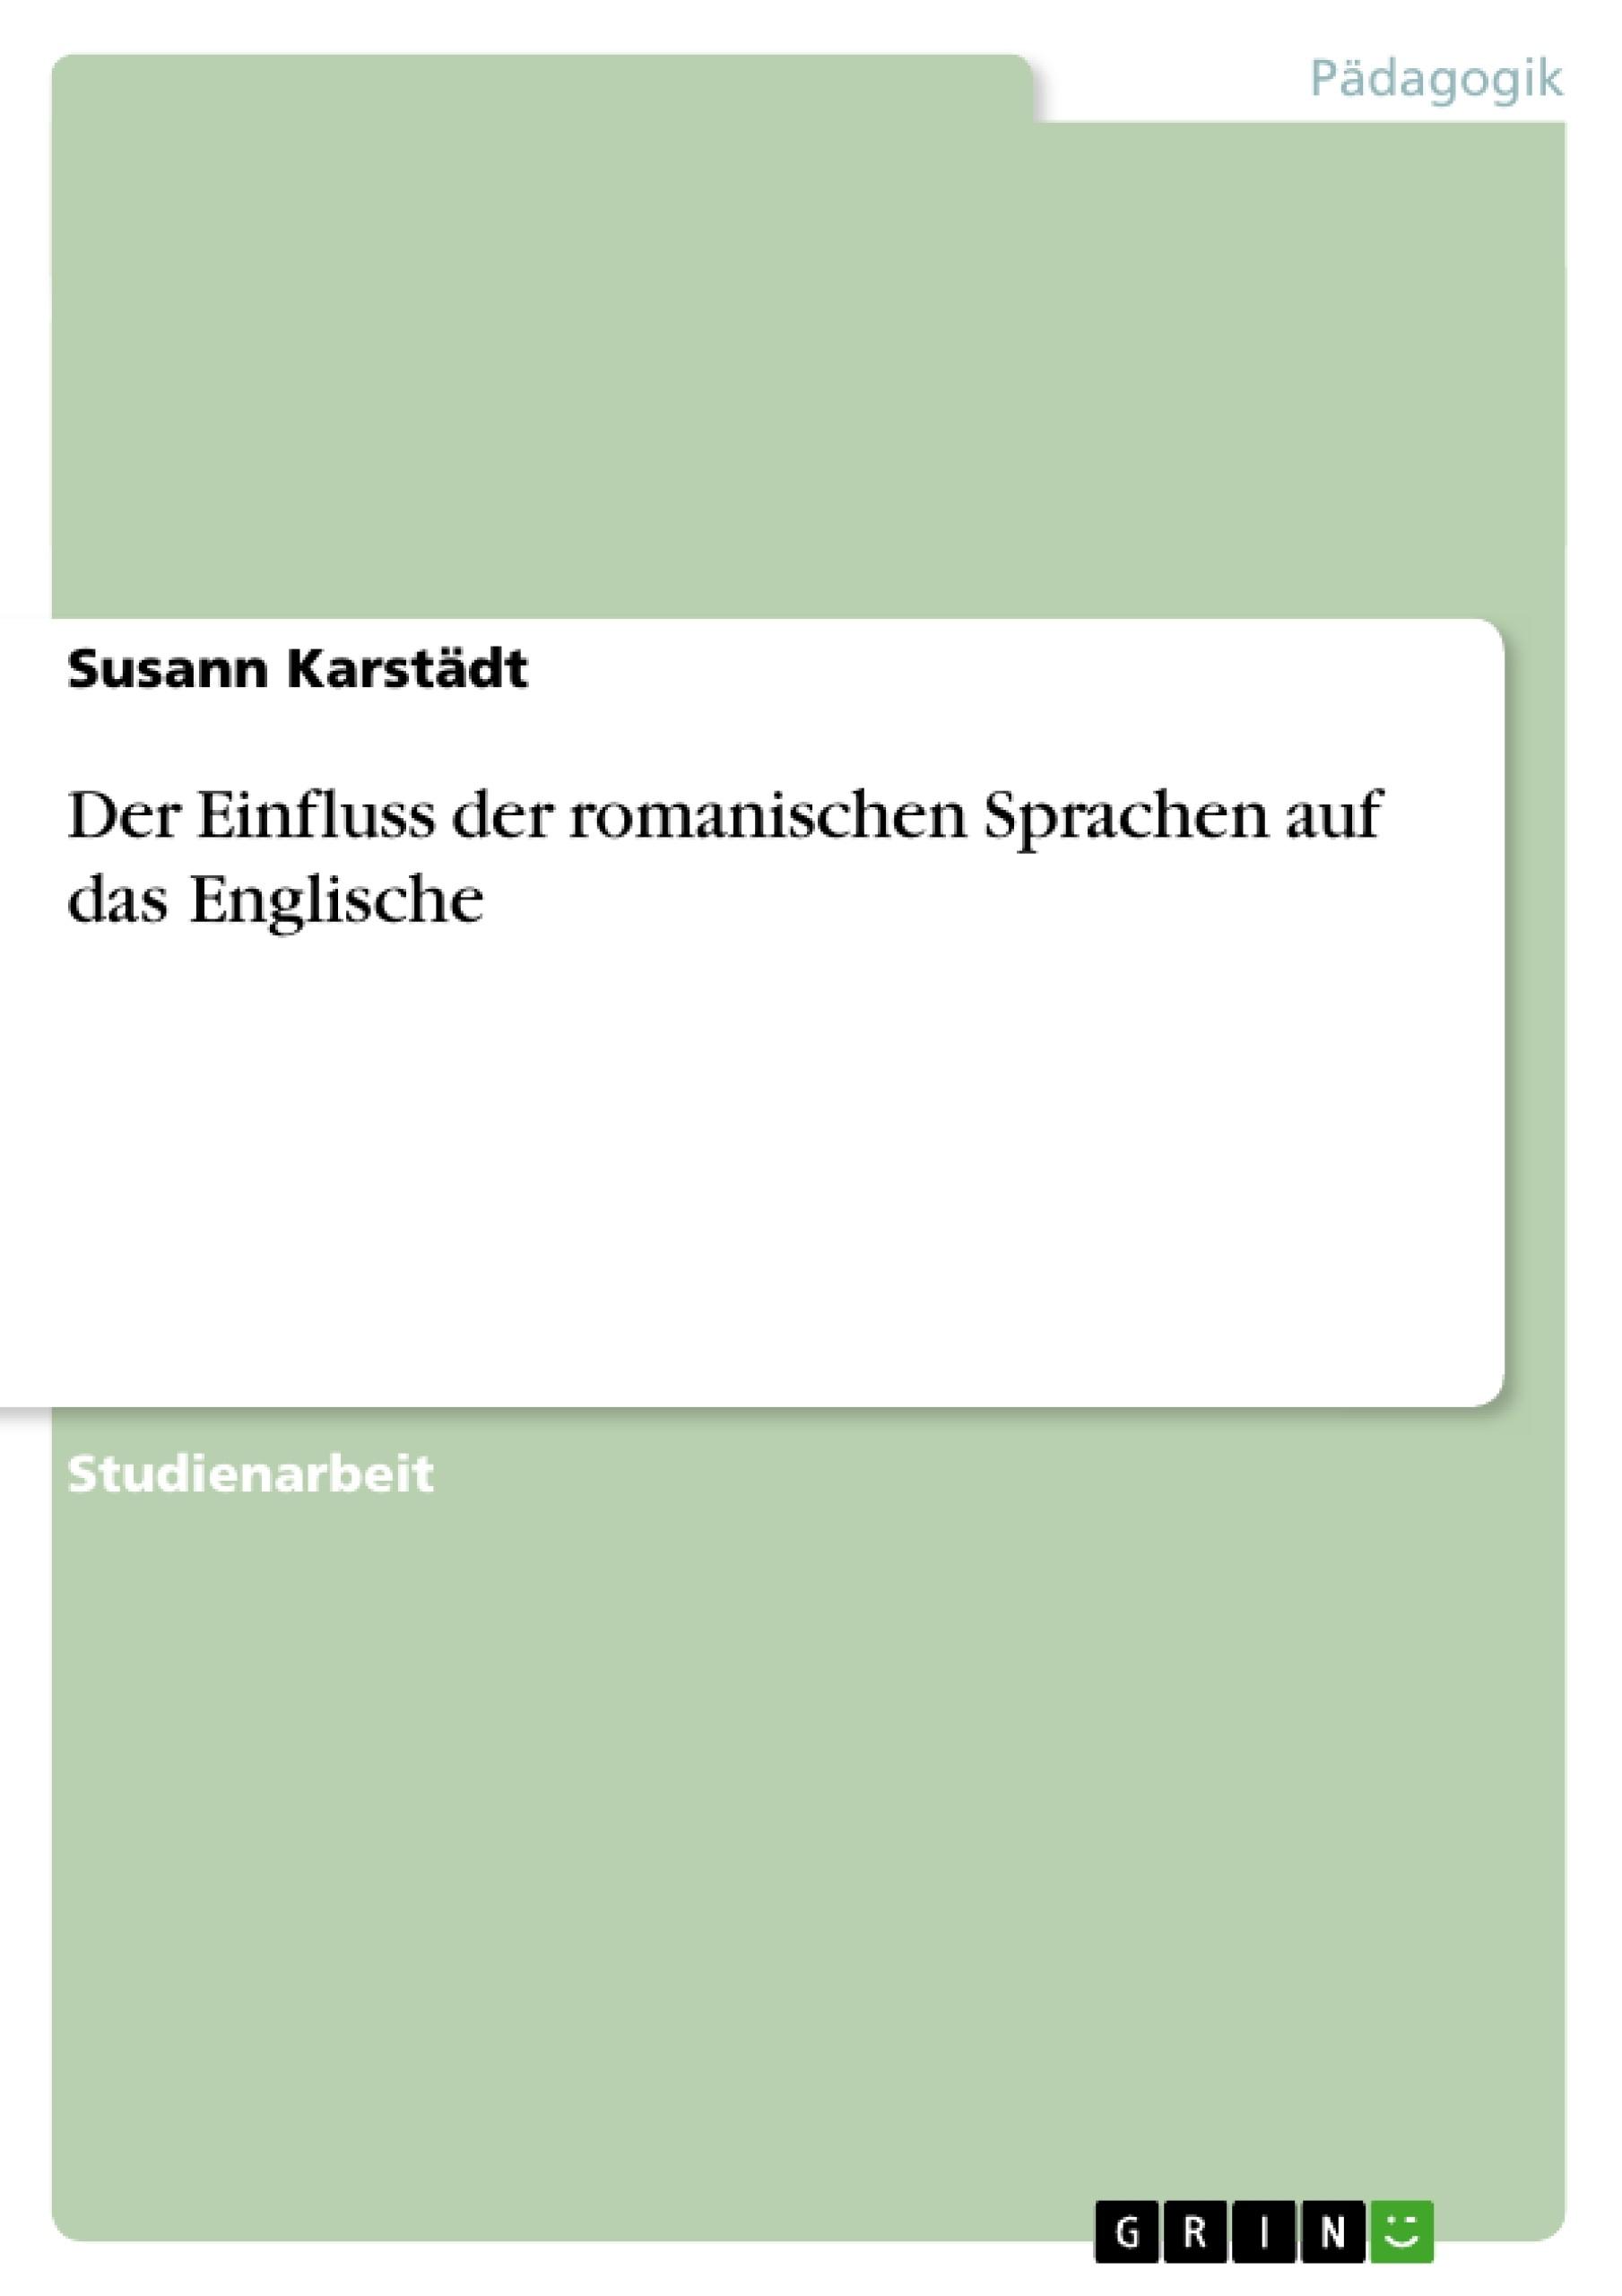 Die Seiten in englischer Sprache